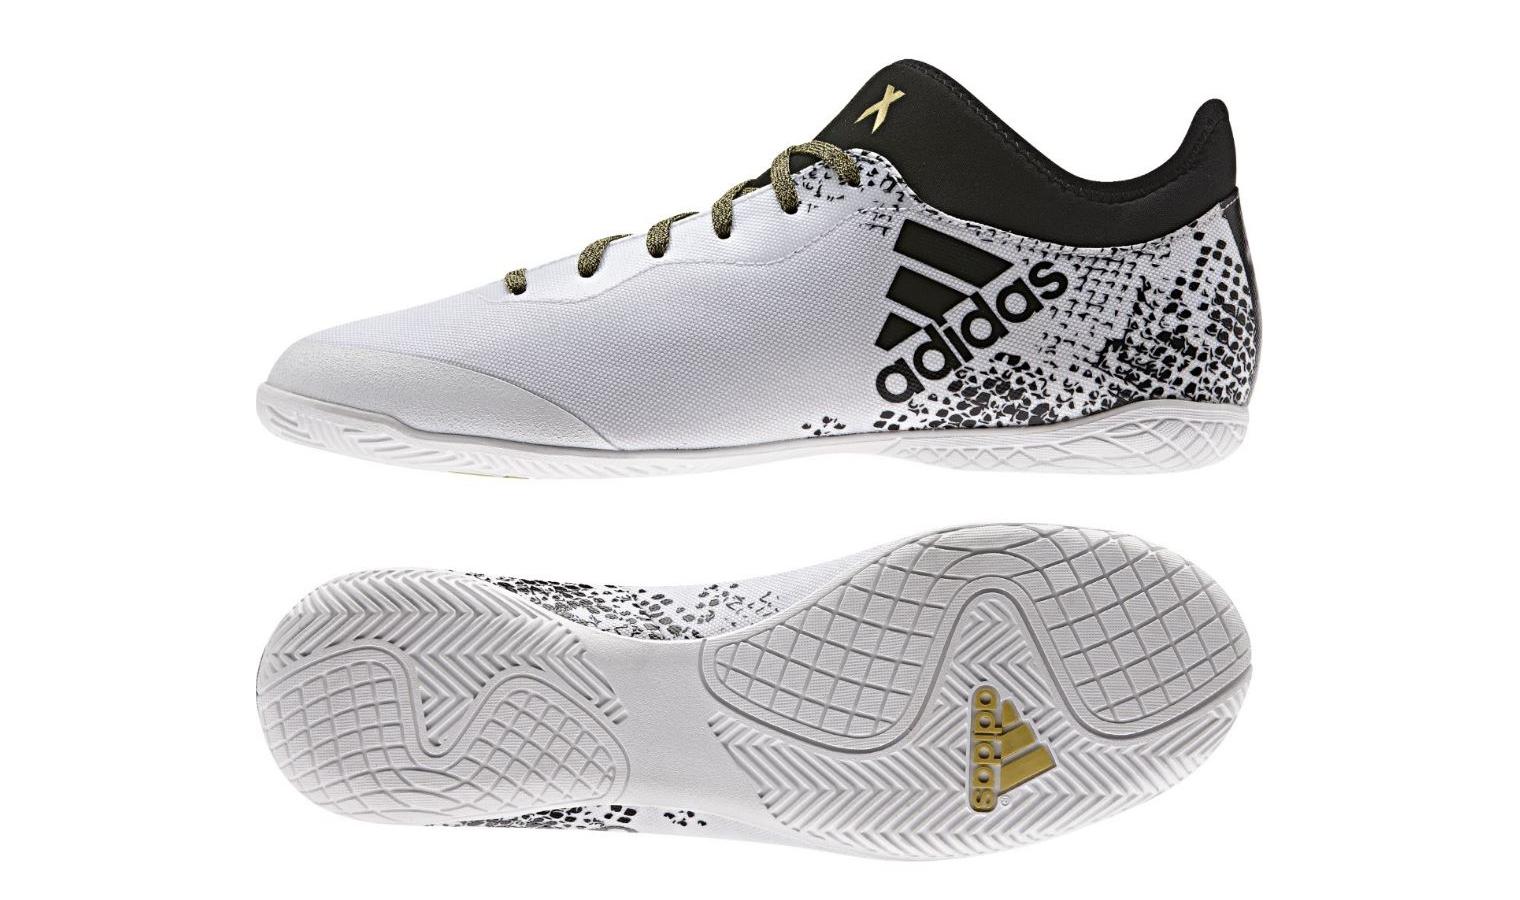 Pánské sálovky adidas X 16.3 COURT bílé  0130e2e159